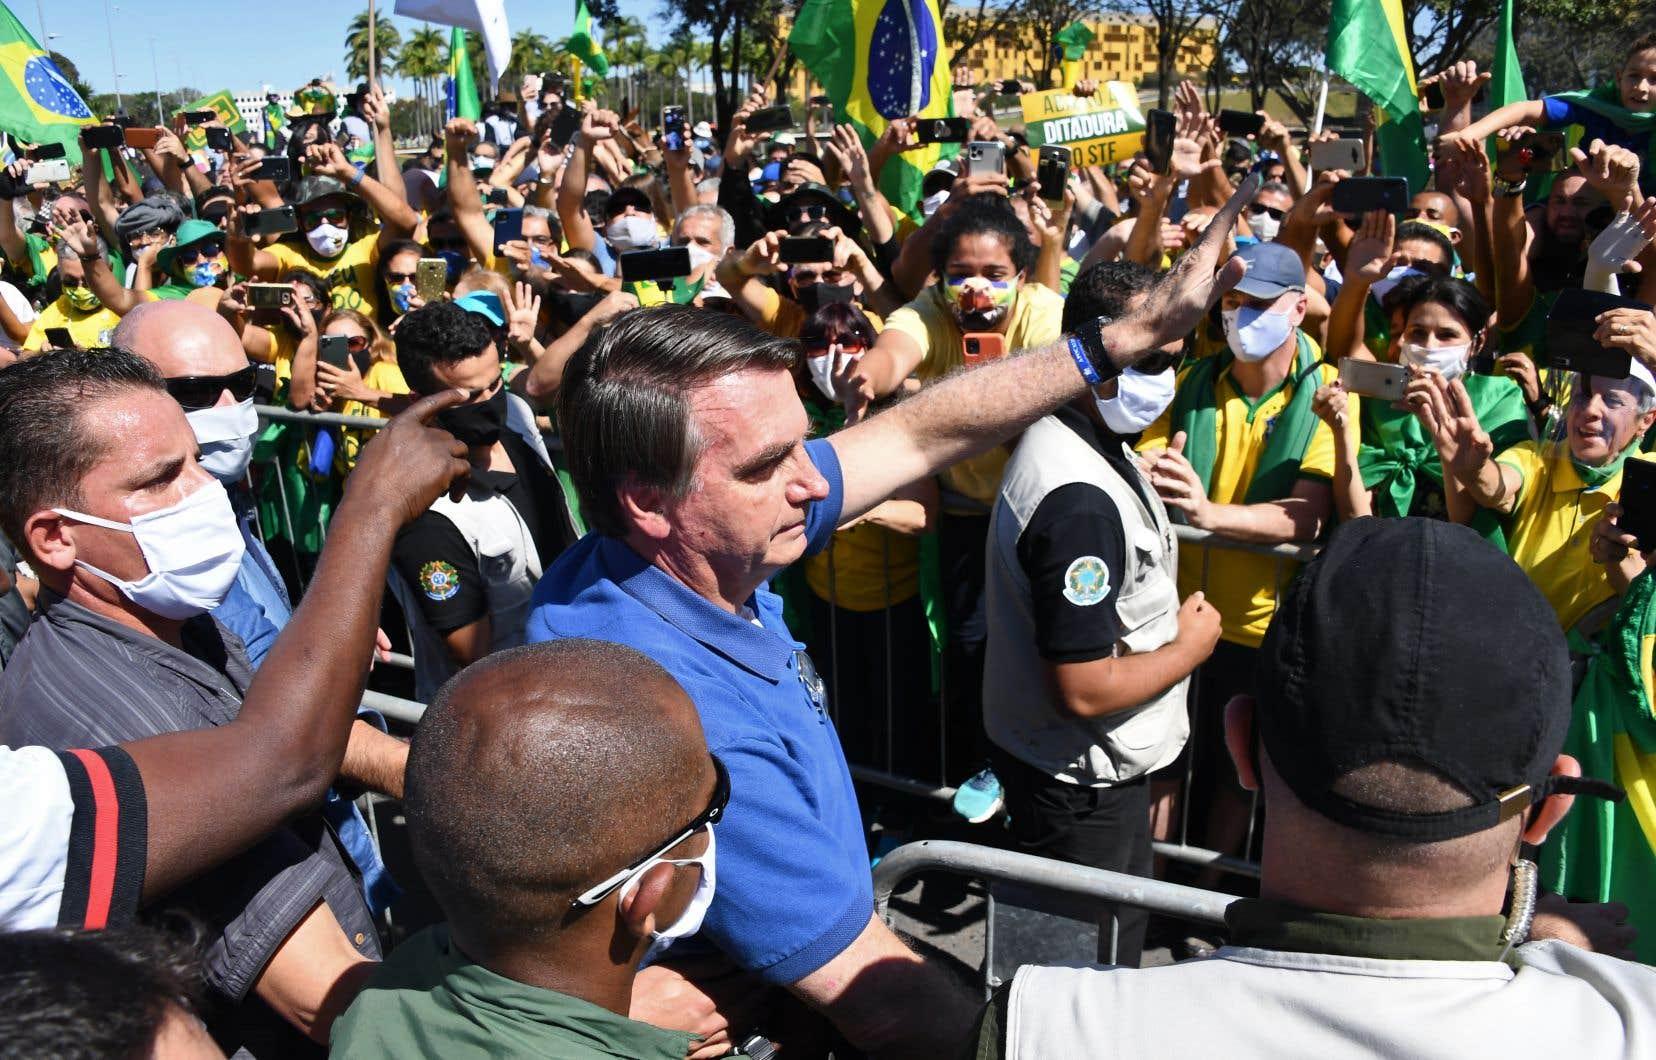 Le président brésilien a participé à un rassemblement avec ses partisans à Brasília, devant le palais présidentiel, bravant une nouvelle fois les normes sanitaires tout en se gardant cette fois de toucher les mains de la foule.